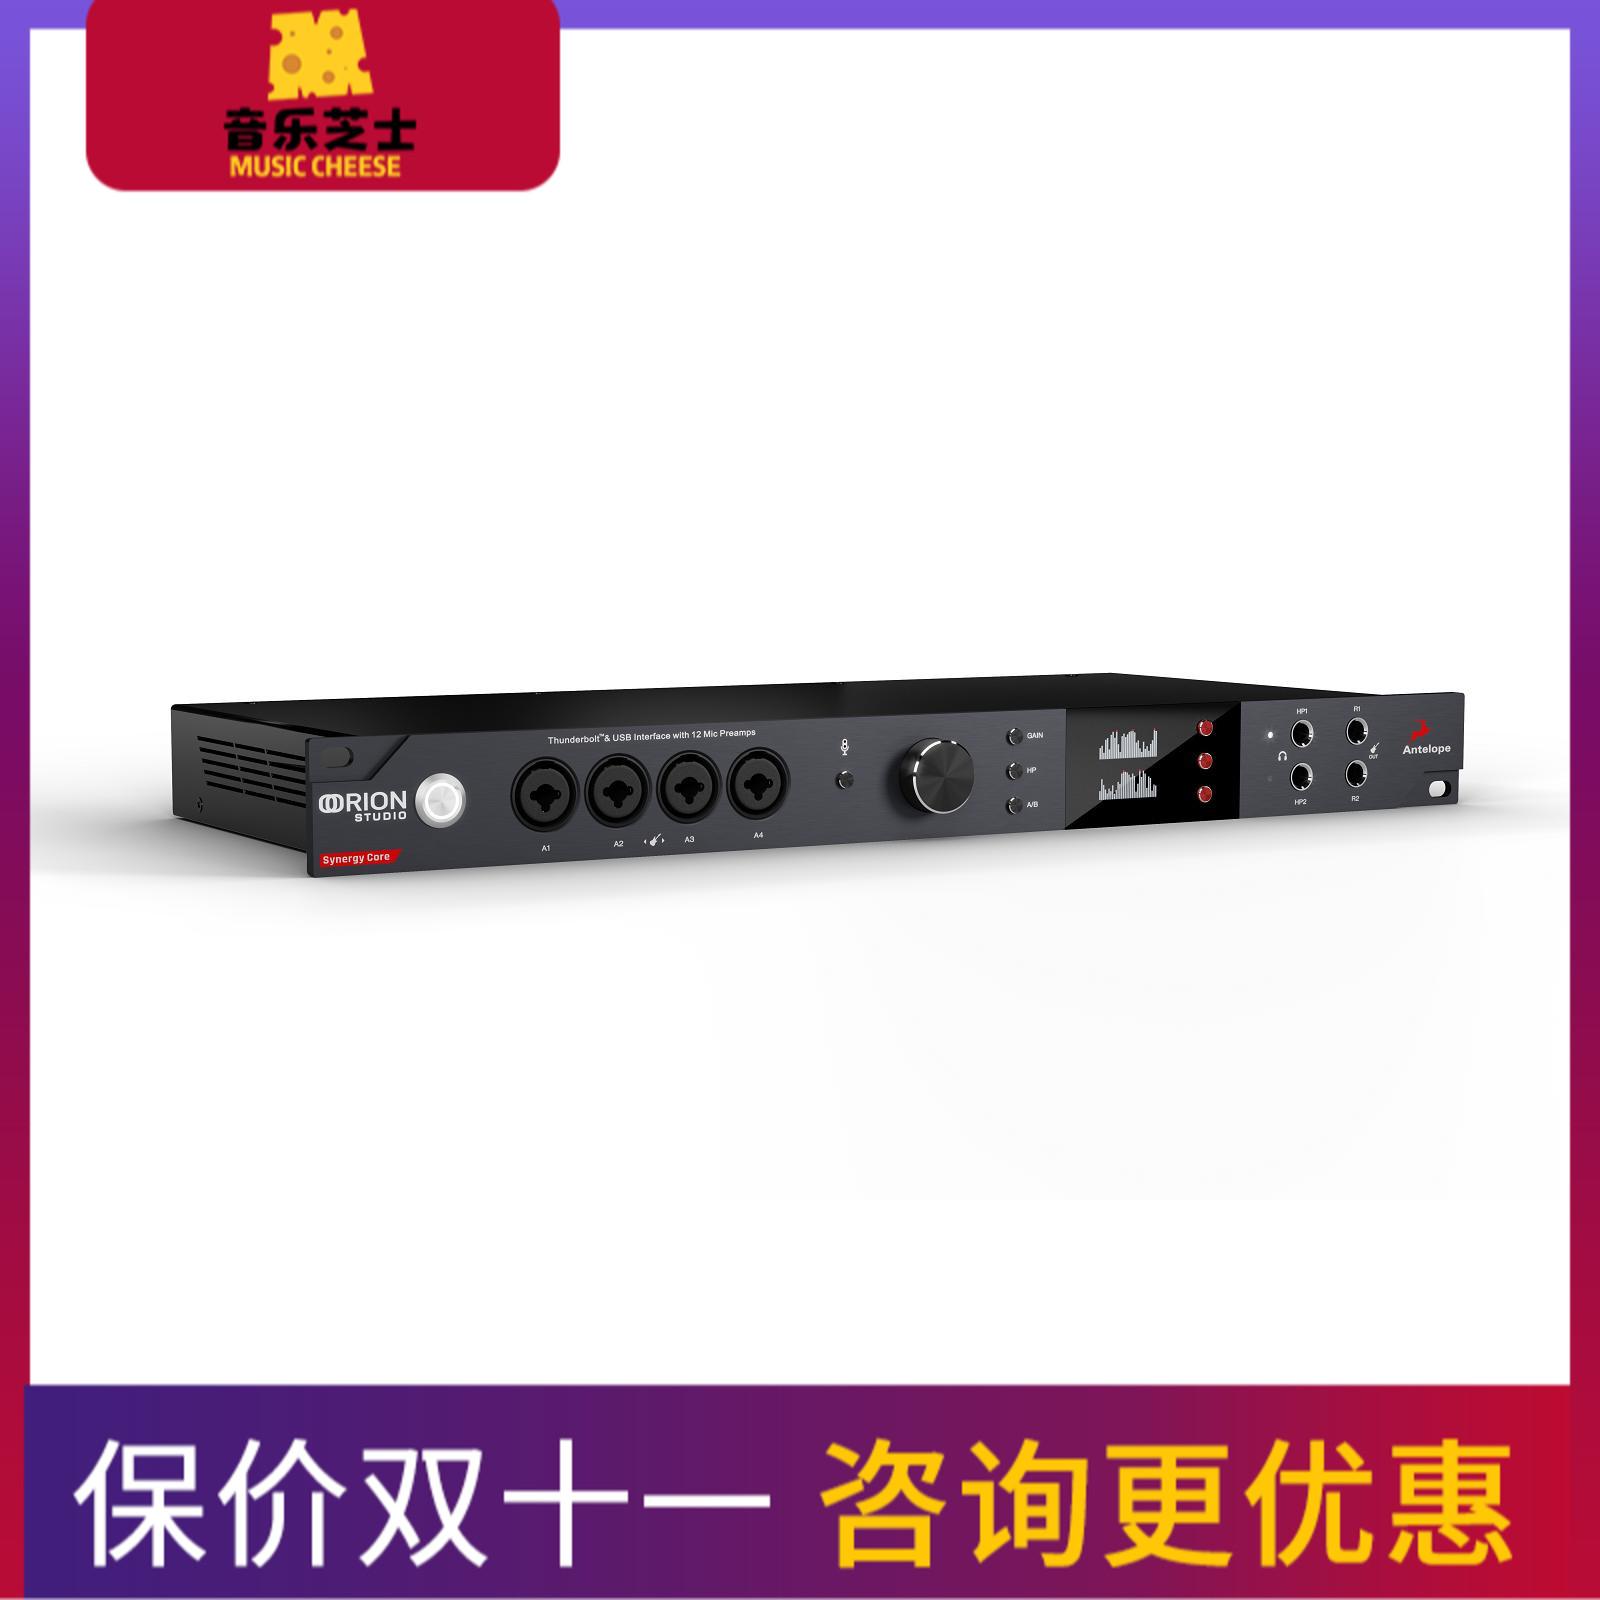 羚羊Orion Studio Synergy Core 音频接口 雷电 usb声卡 送效果器